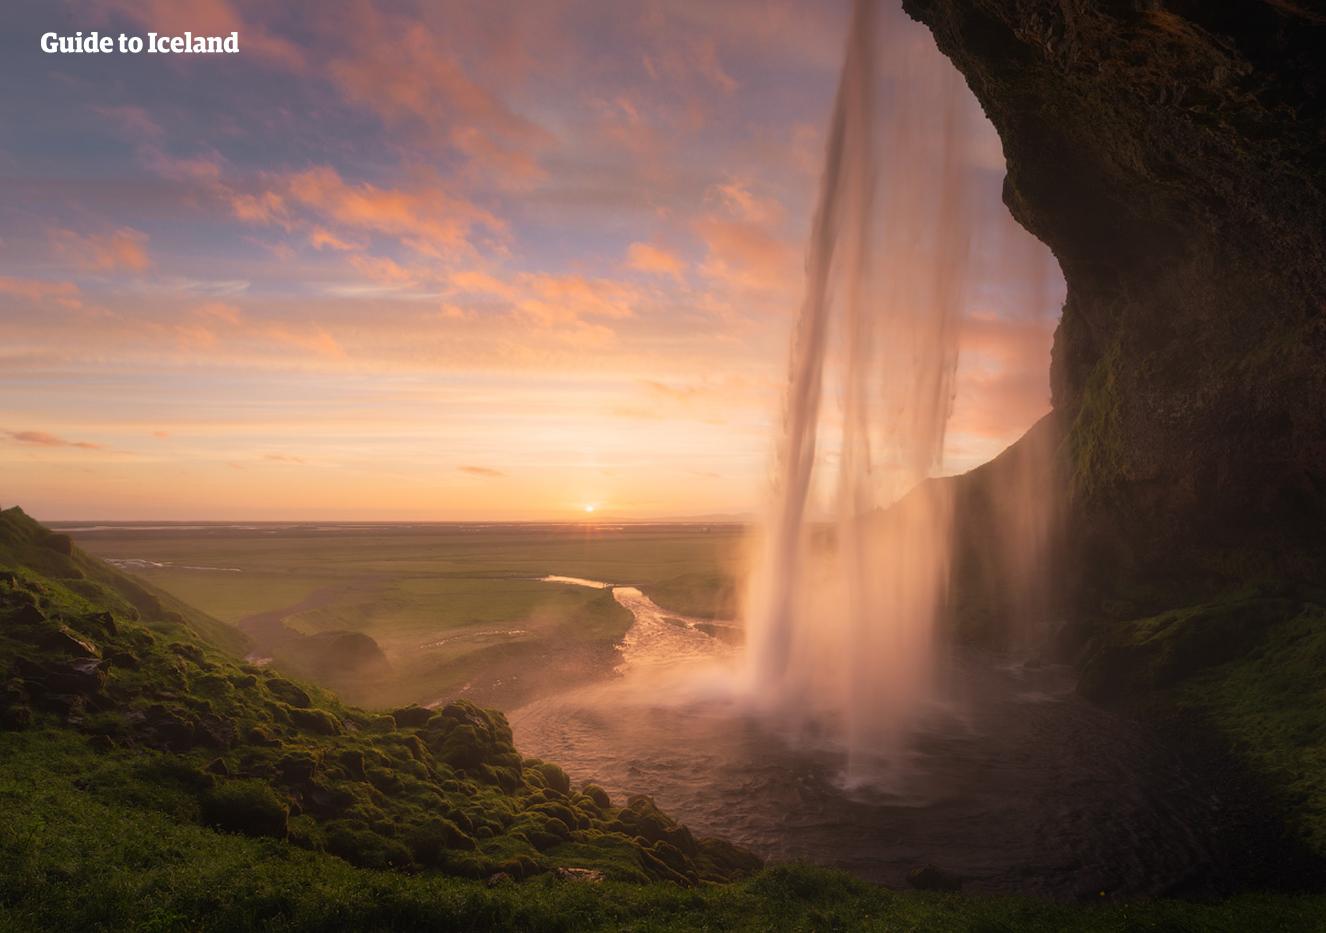 地平線すれすれを移動するアイスランドの夏の太陽が、夜中の美しいセリャラントスフォスの滝を照らす